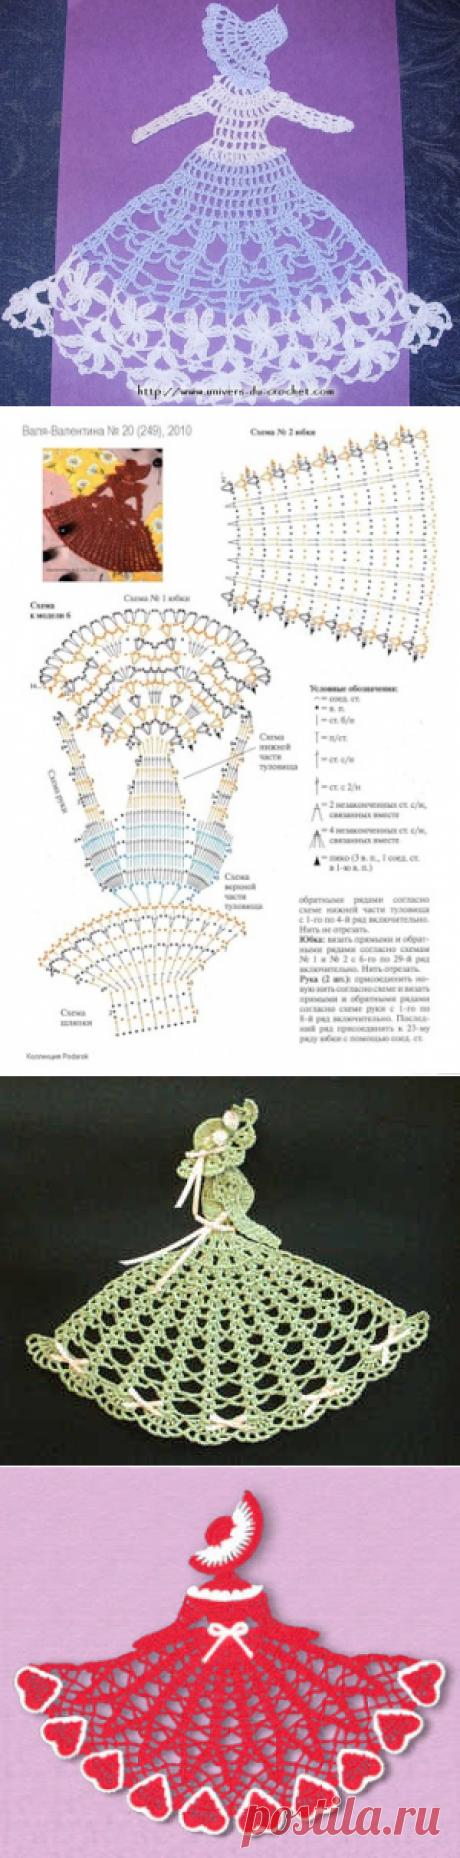 Вязание крючком плоских куколок для аппликаций _ брелков _ закладок _ декора _ Схемы